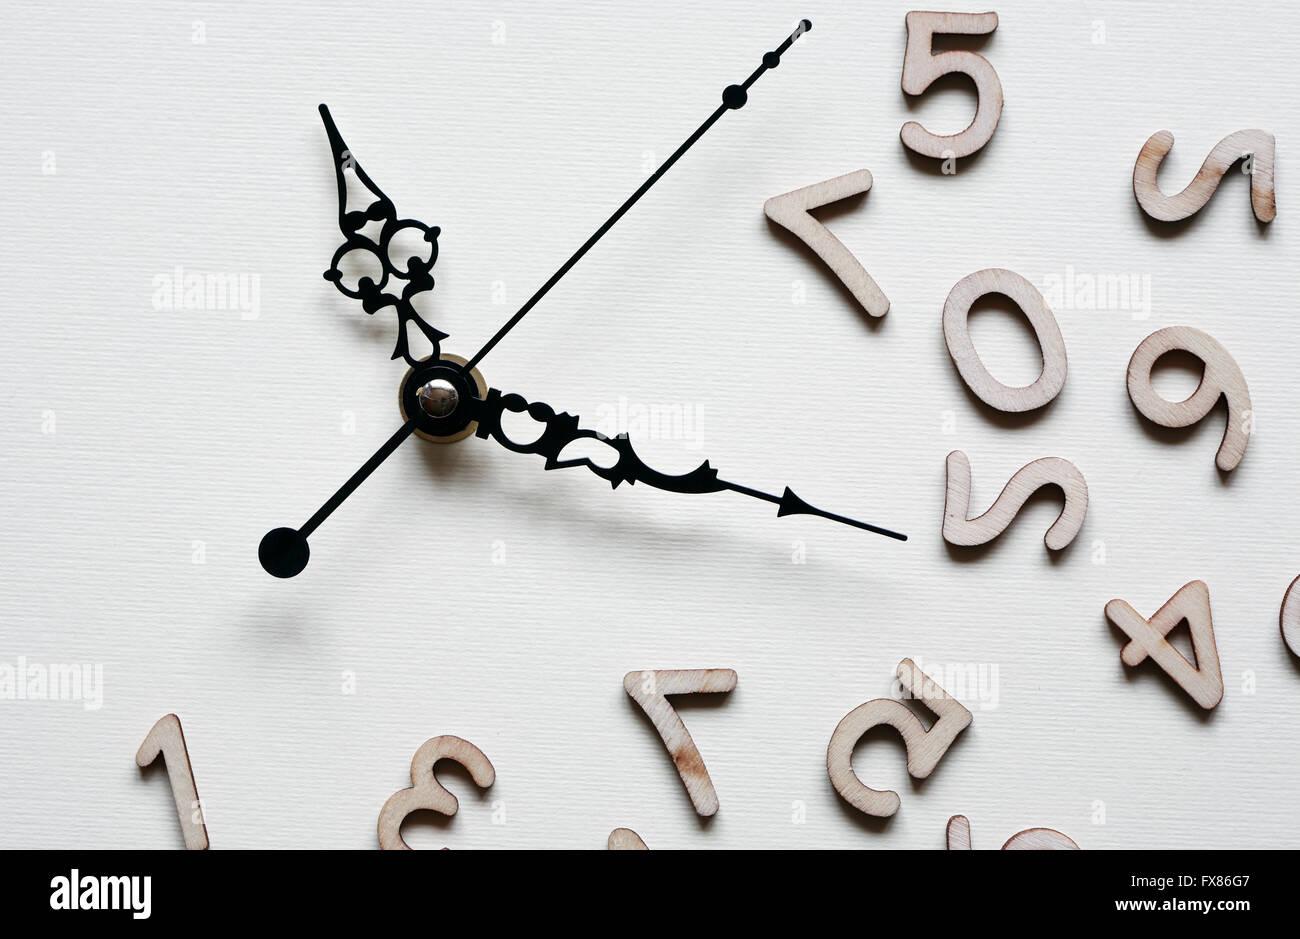 Concepto de tiempo. Minutos y segundos las manos cerca de conjunto de dígitos de madera Imagen De Stock